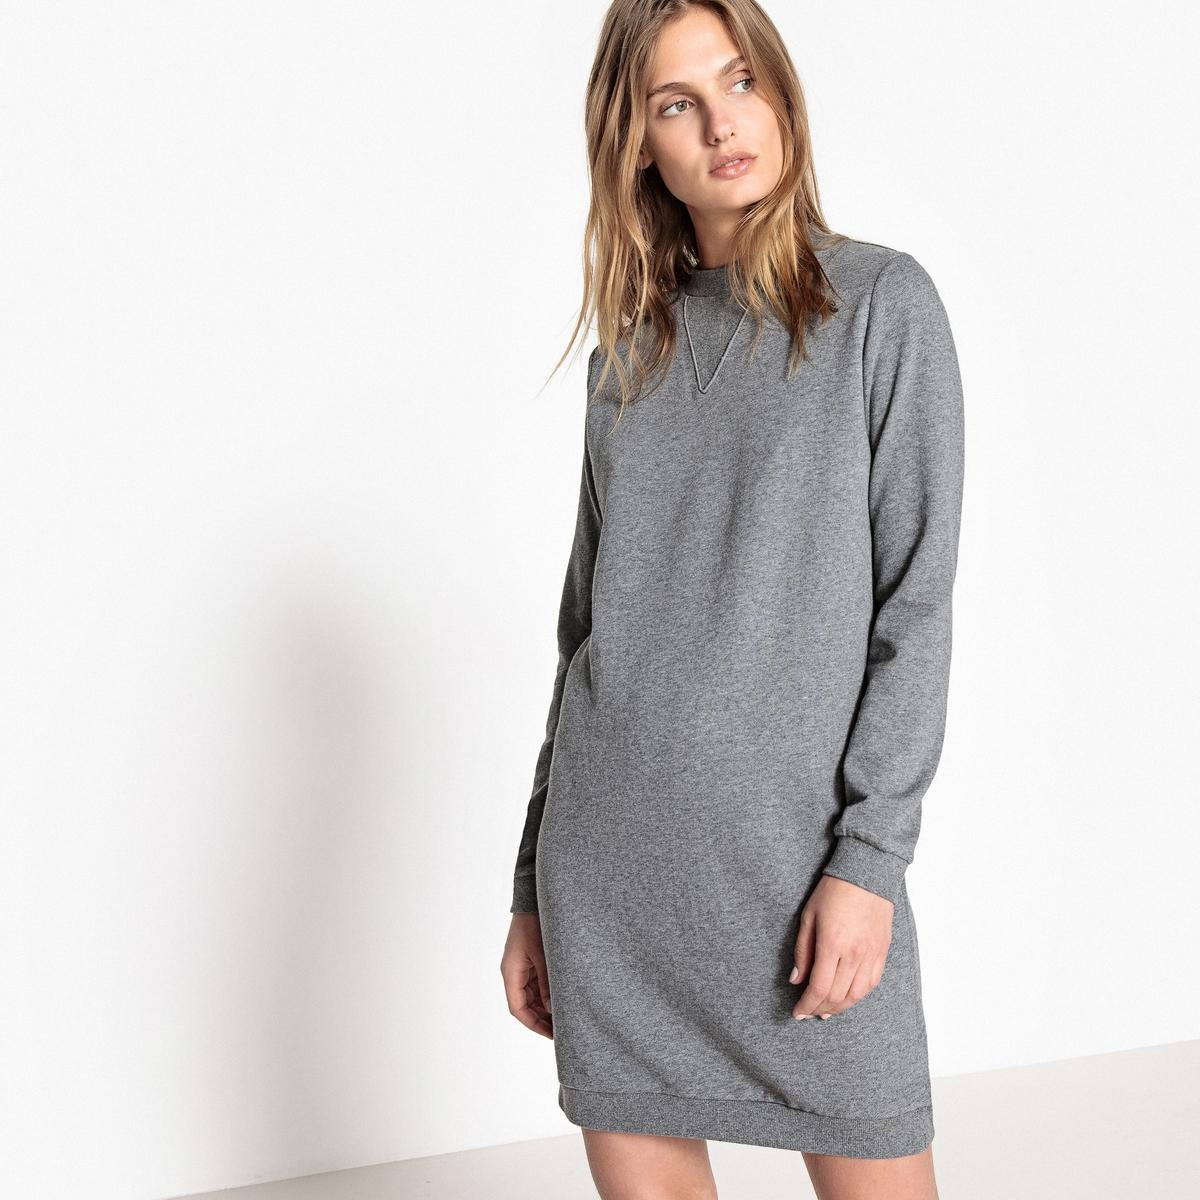 Платье-пуловер короткое однотонное с длинными рукавамиОписание:Детали •  Форма : платье-пуловер •  Укороченная модель •  Длинные рукава    •  Круглый вырезСостав и уход •  100% хлопок •  Температура стирки 30° •  Сухая чистка и отбеливание запрещены •  Не использовать барабанную сушку •  Низкая температура глажки •  Длина  : 90 см<br><br>Цвет: серый меланж<br>Размер: L